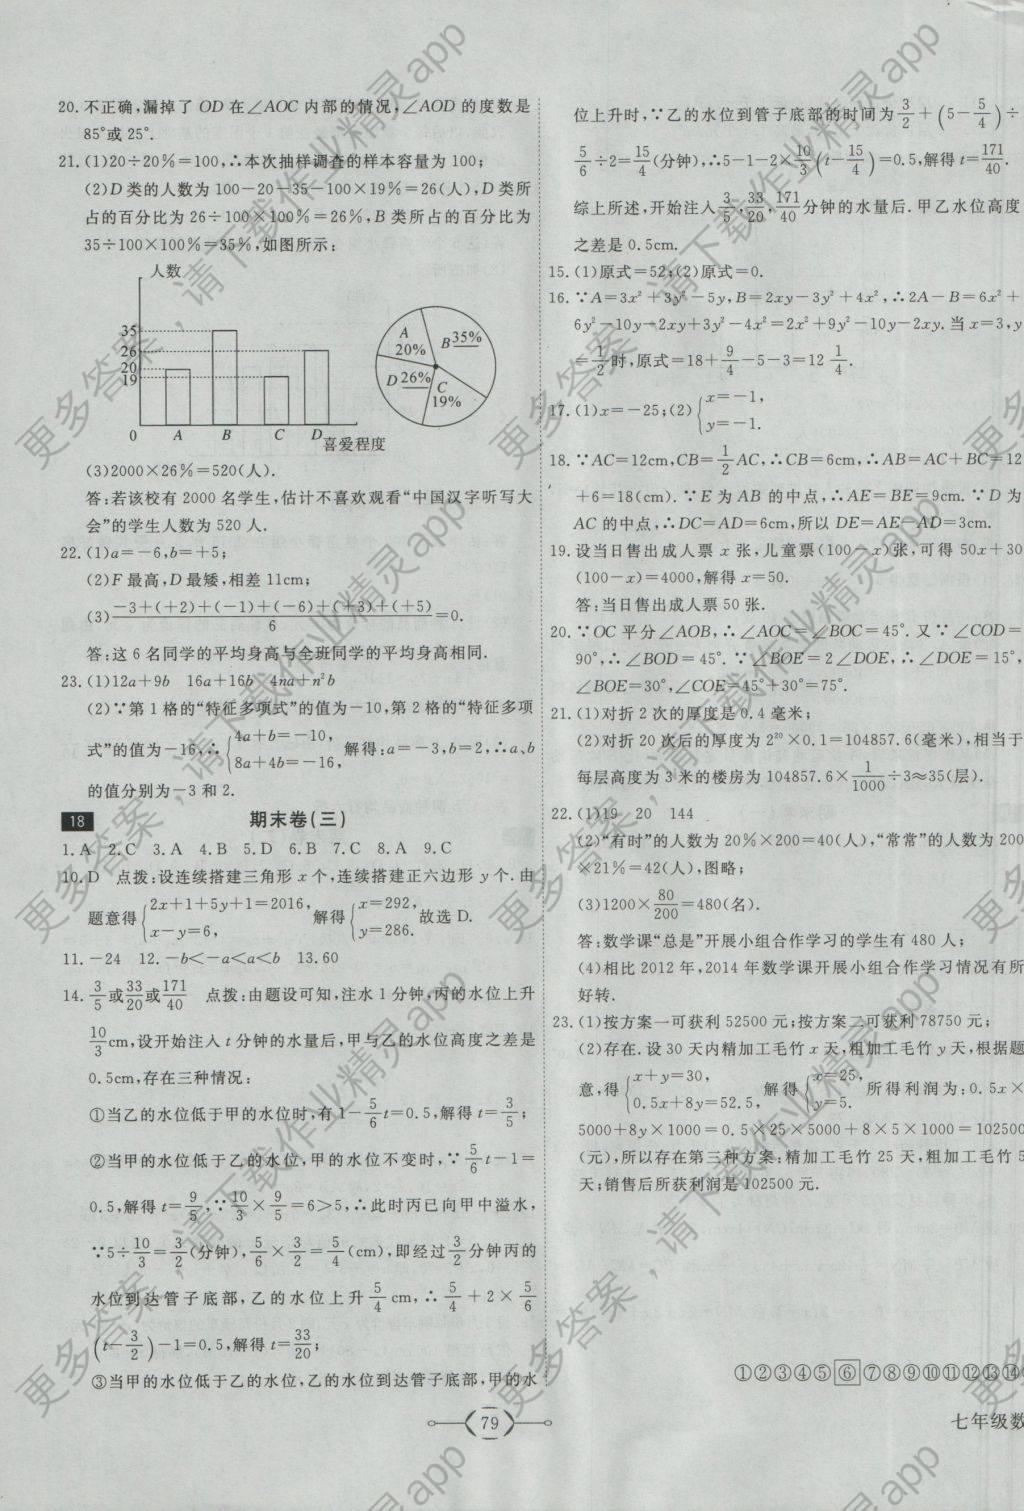 2016年优干线周周卷数学初中七初中上册沪科英语假期总结年级图片